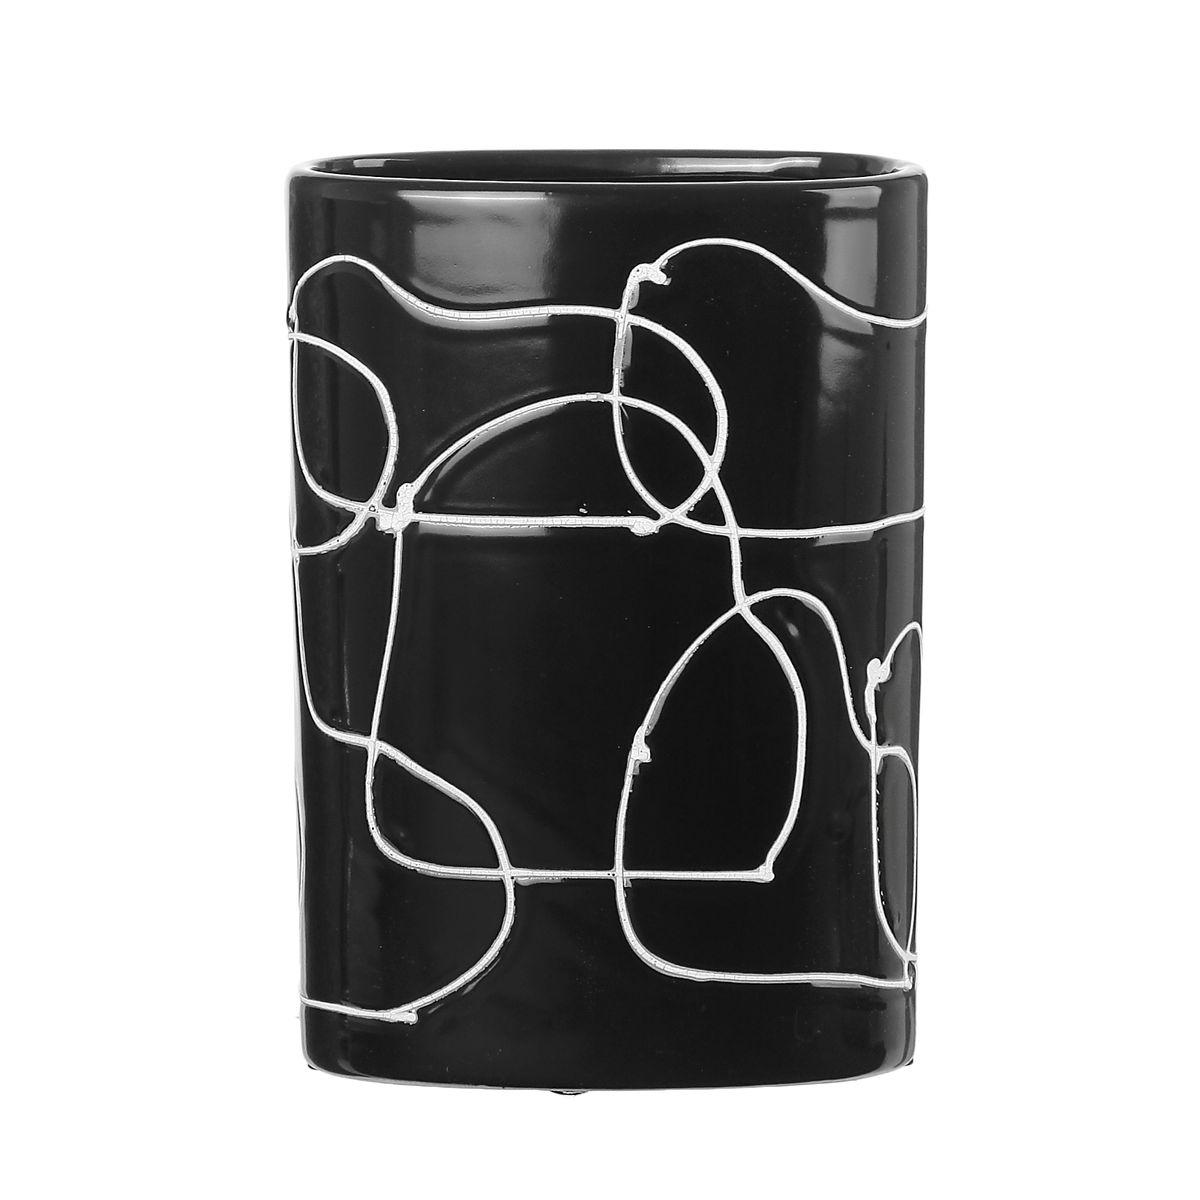 Ваза Sima-land Полоски, высота 21 см863617Ваза Sima-land Полоски изготовлена из высококачественной керамики.Строгая форма и стильная хаотичность волнообразного декора не позволят интерьеру бытьскучным. Аксессуар с расширенным горлышком вместит в себя достаточно пышный букет.Болеетого, в вазе с интересной текстурой превосходно будут смотреться декоративные веточки исухоцветы.Любое помещение выглядит незавершенным без правильно расположенных предметовинтерьера. Они помогают создать уют, расставить акценты, подчеркнуть достоинства или скрытьнедостатки.